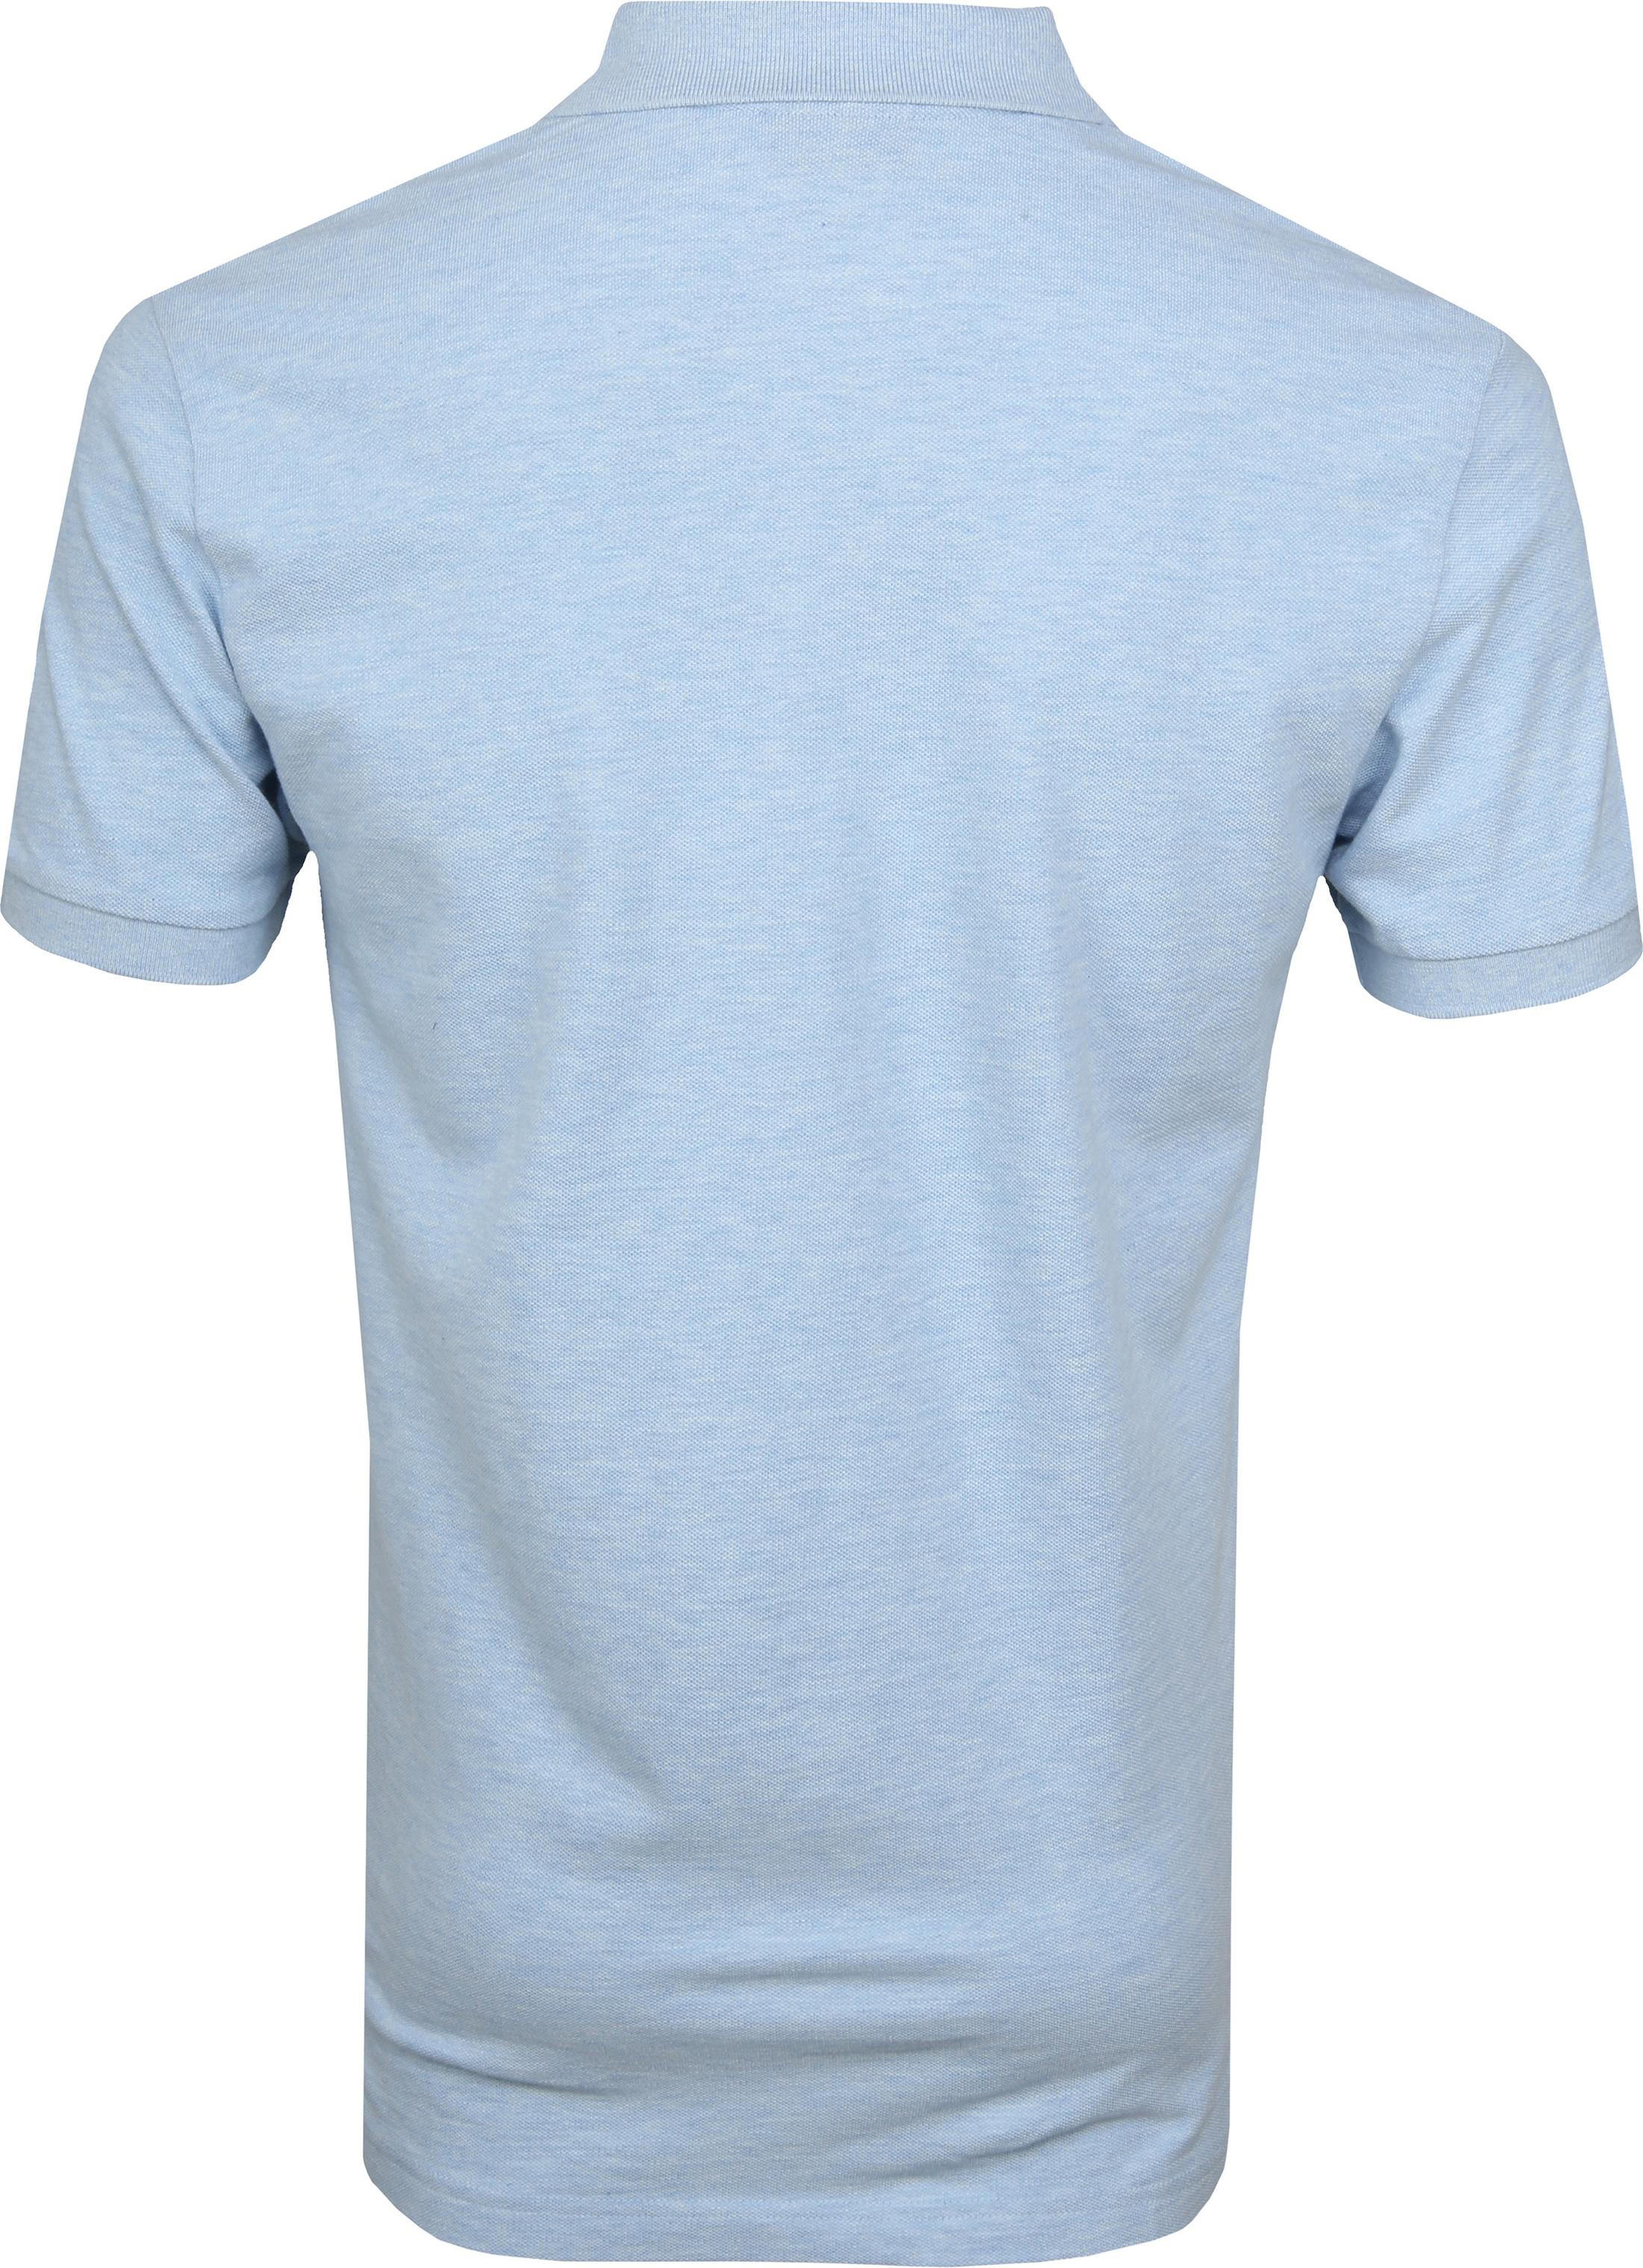 Profuomo Short Sleeve Poloshirt Hellblau foto 3